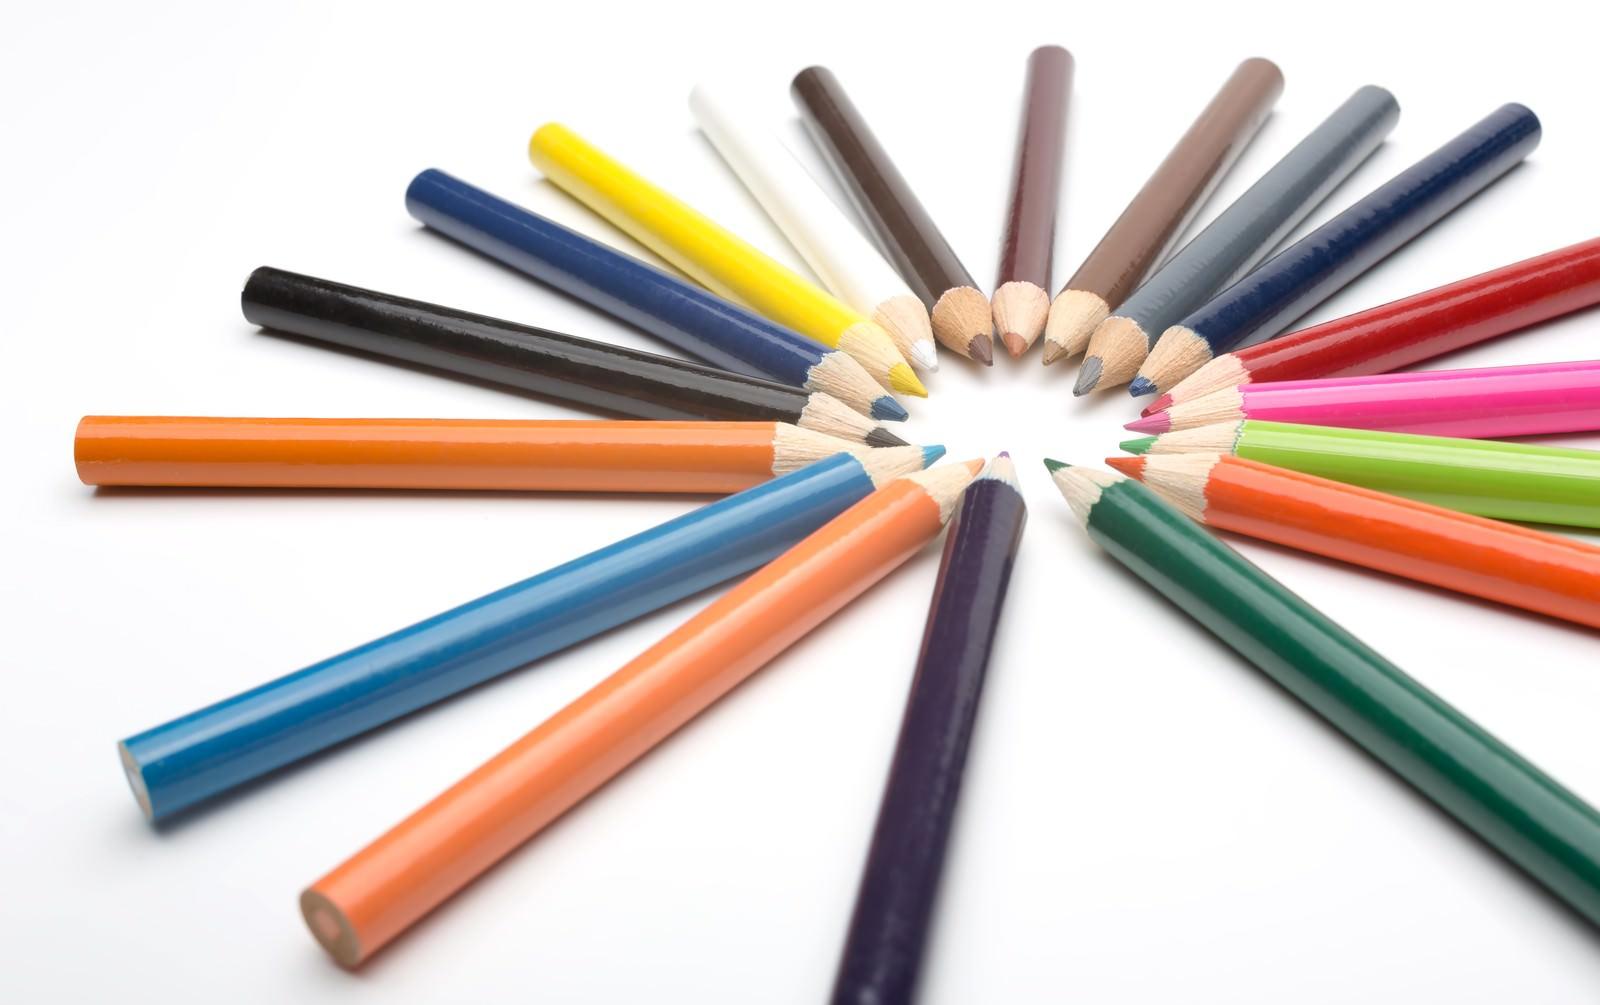 「カラフルな色鉛筆」の写真